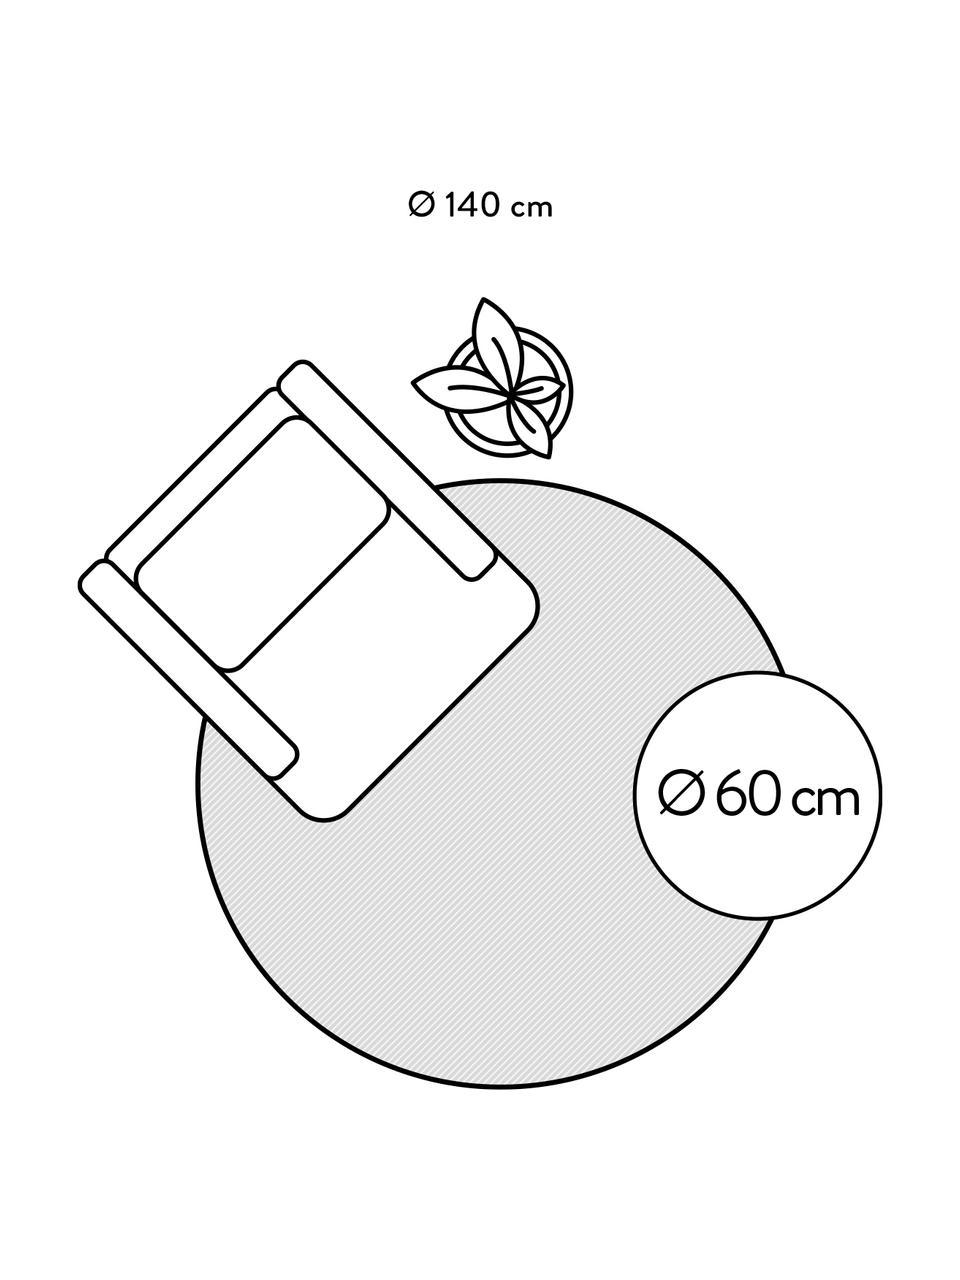 Gemusterter runder In- & Outdoor-Teppich Miami in Grau/Weiß, 86% Polypropylen, 14% Polyester, Weiß, Grau, Ø 200 cm (Größe L)